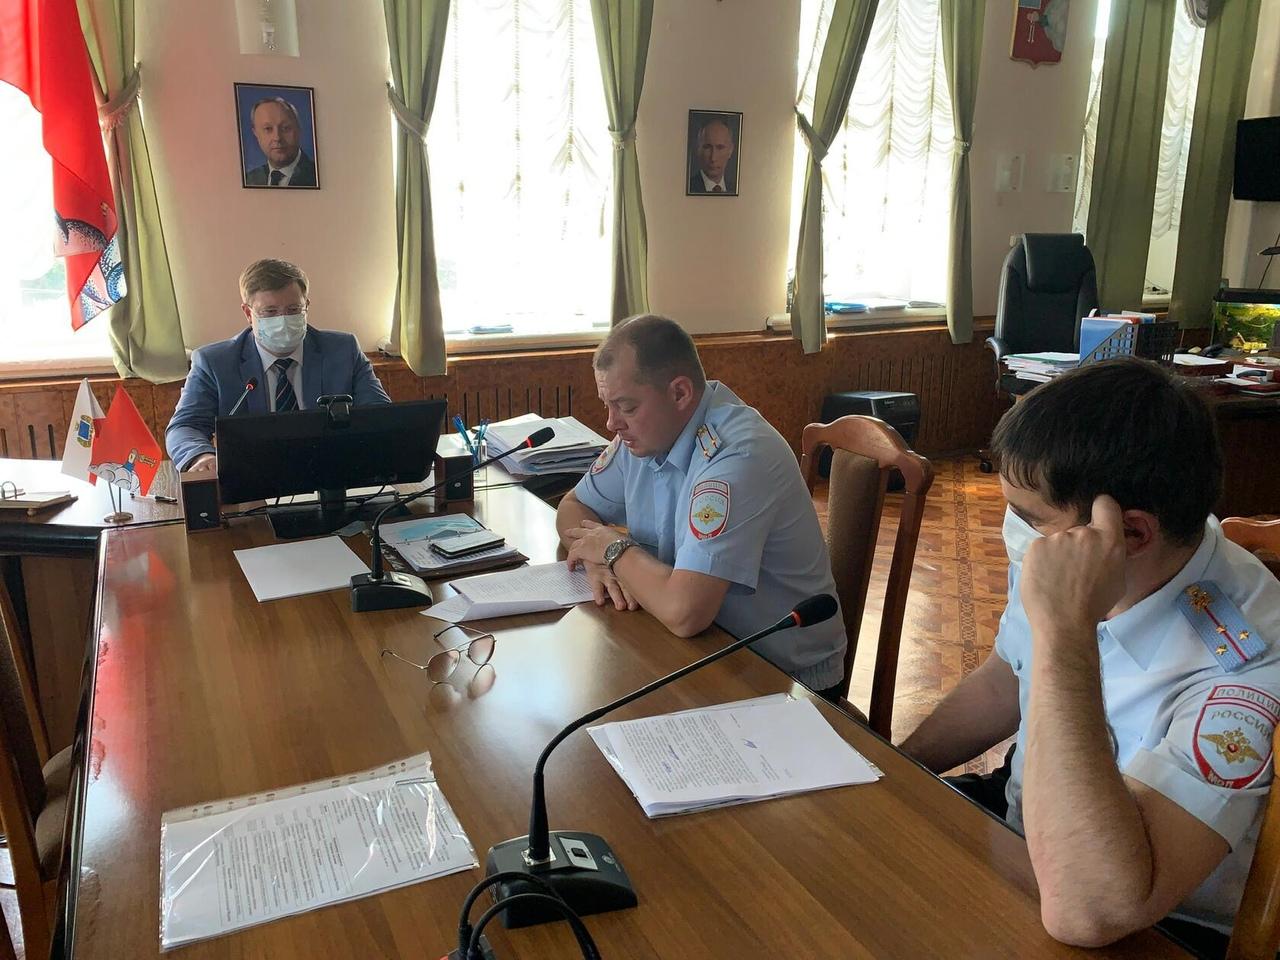 Состоялись заседания двух муниципальных межведомственных комиссий - антинаркотической и по профилактике правонарушений